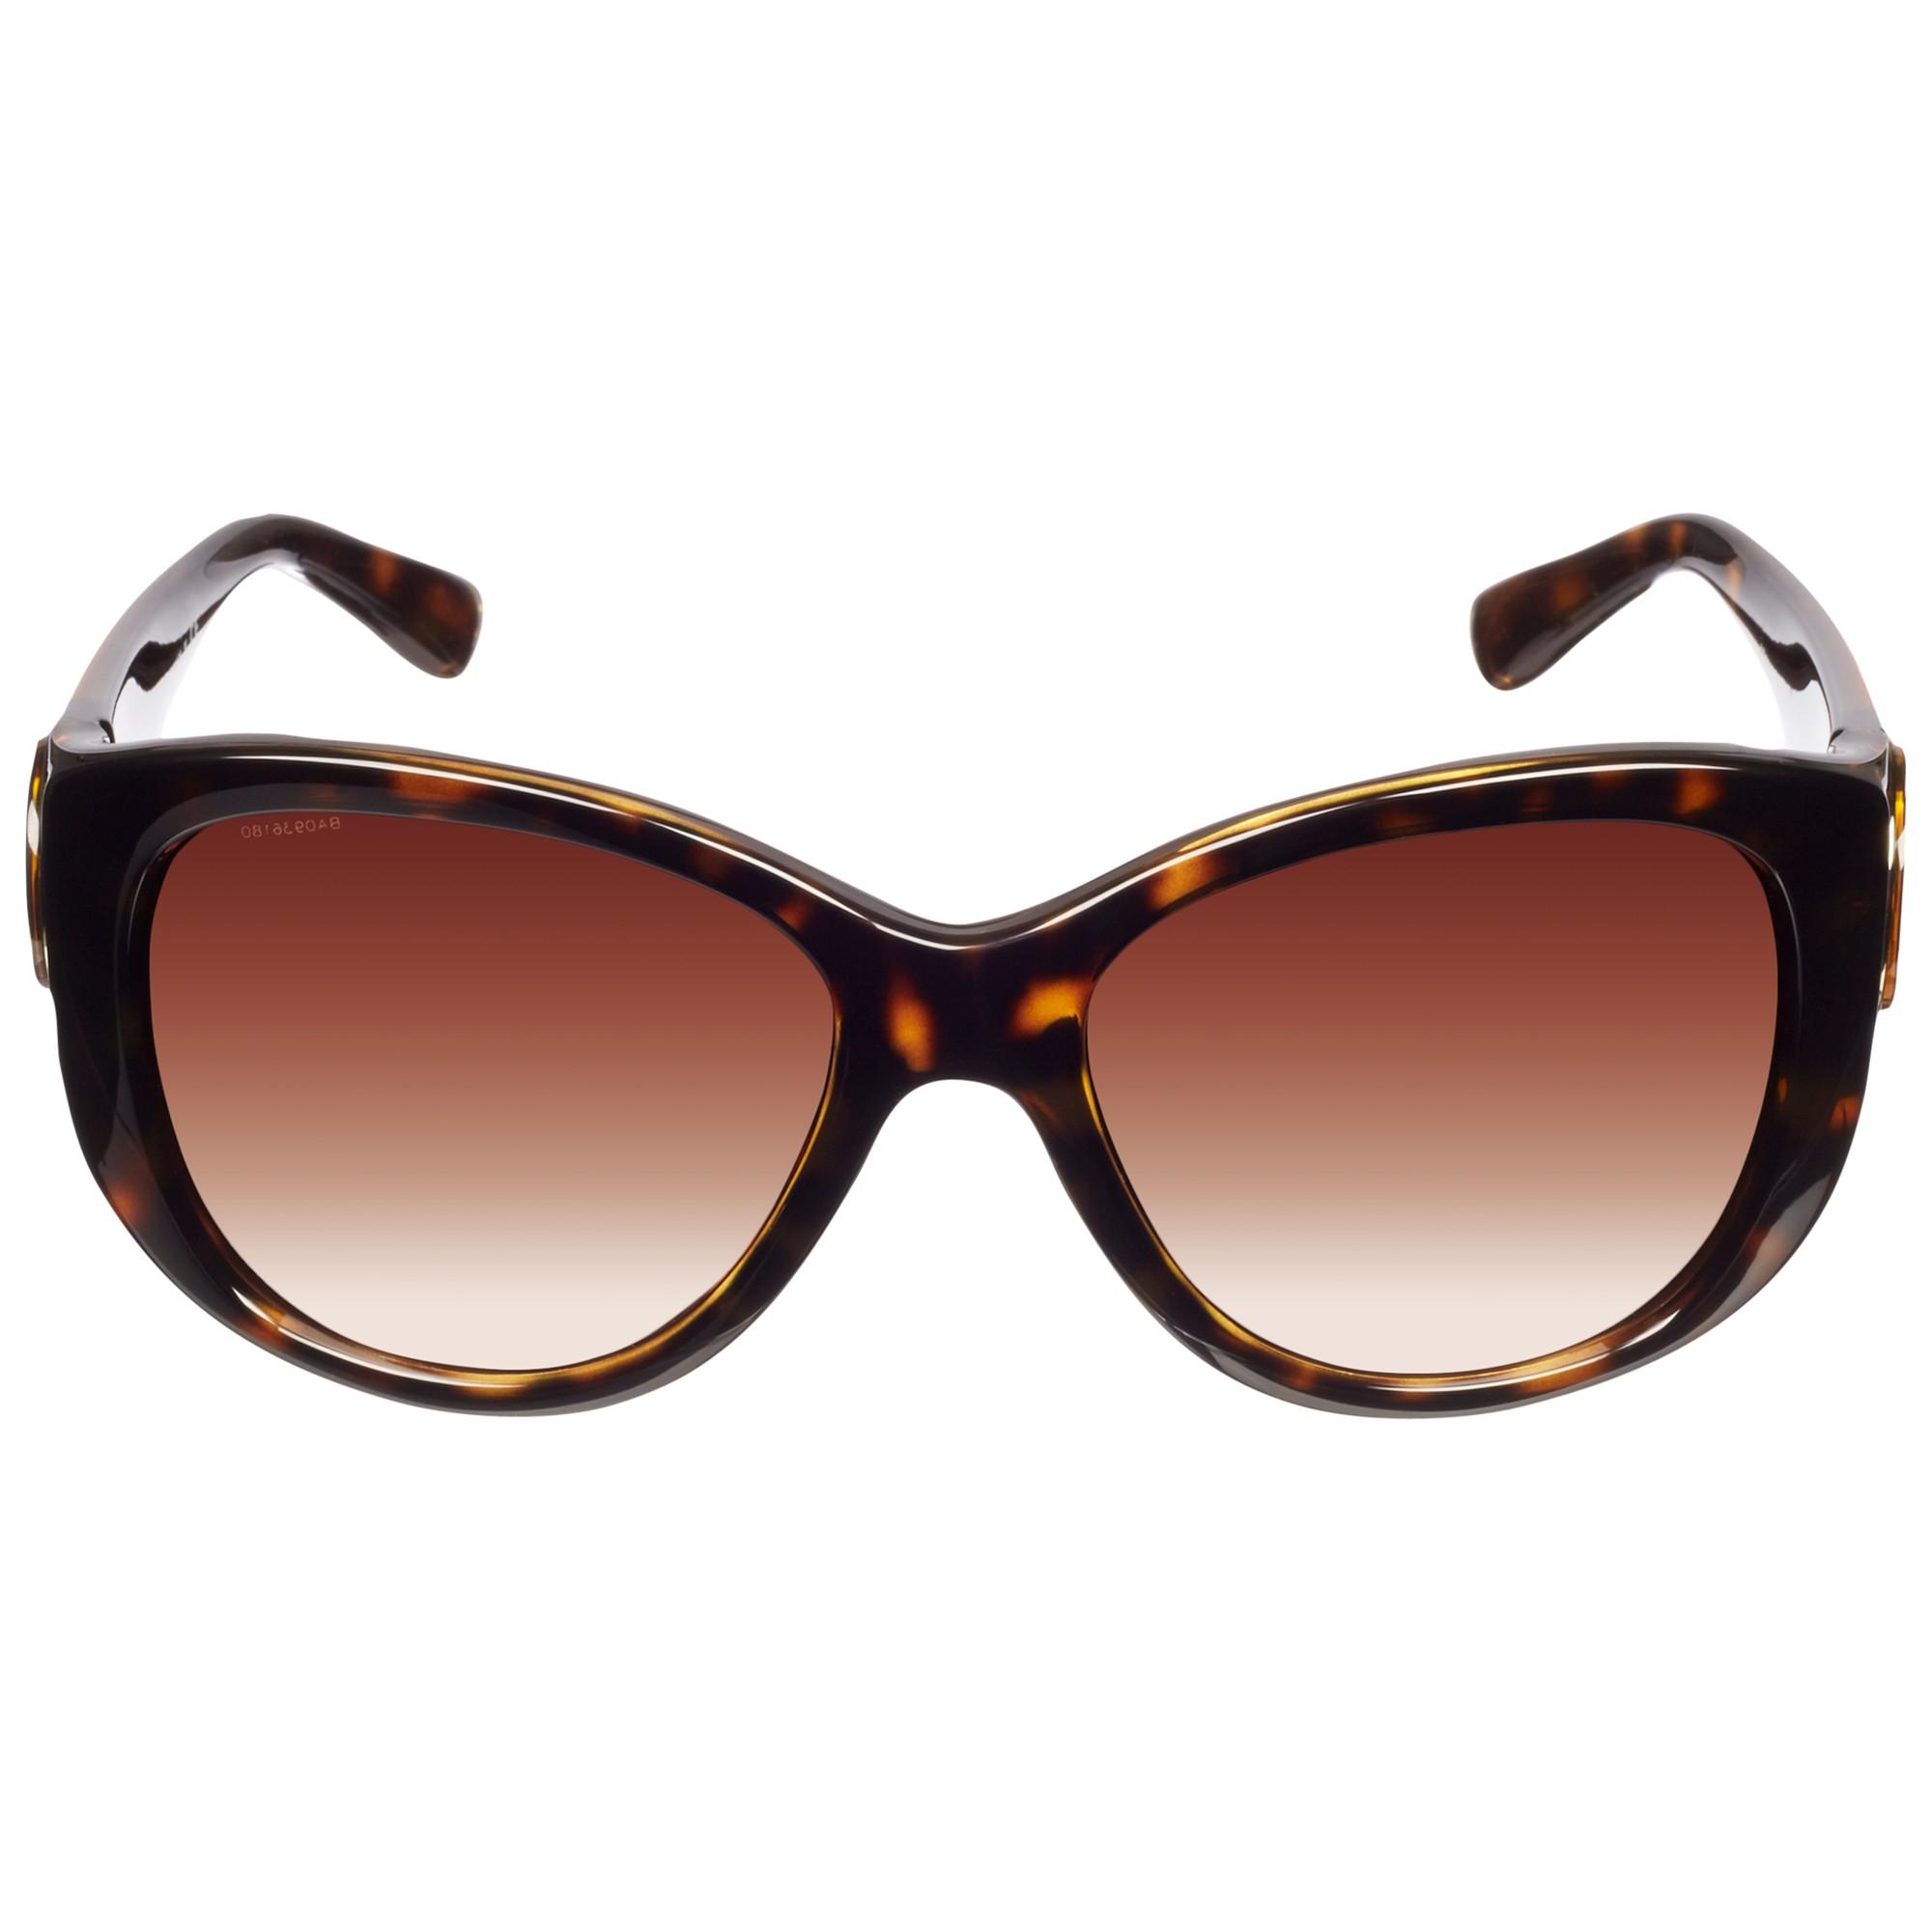 Giorgio Armani Square Lens Sunglasses in Brown - Lyst